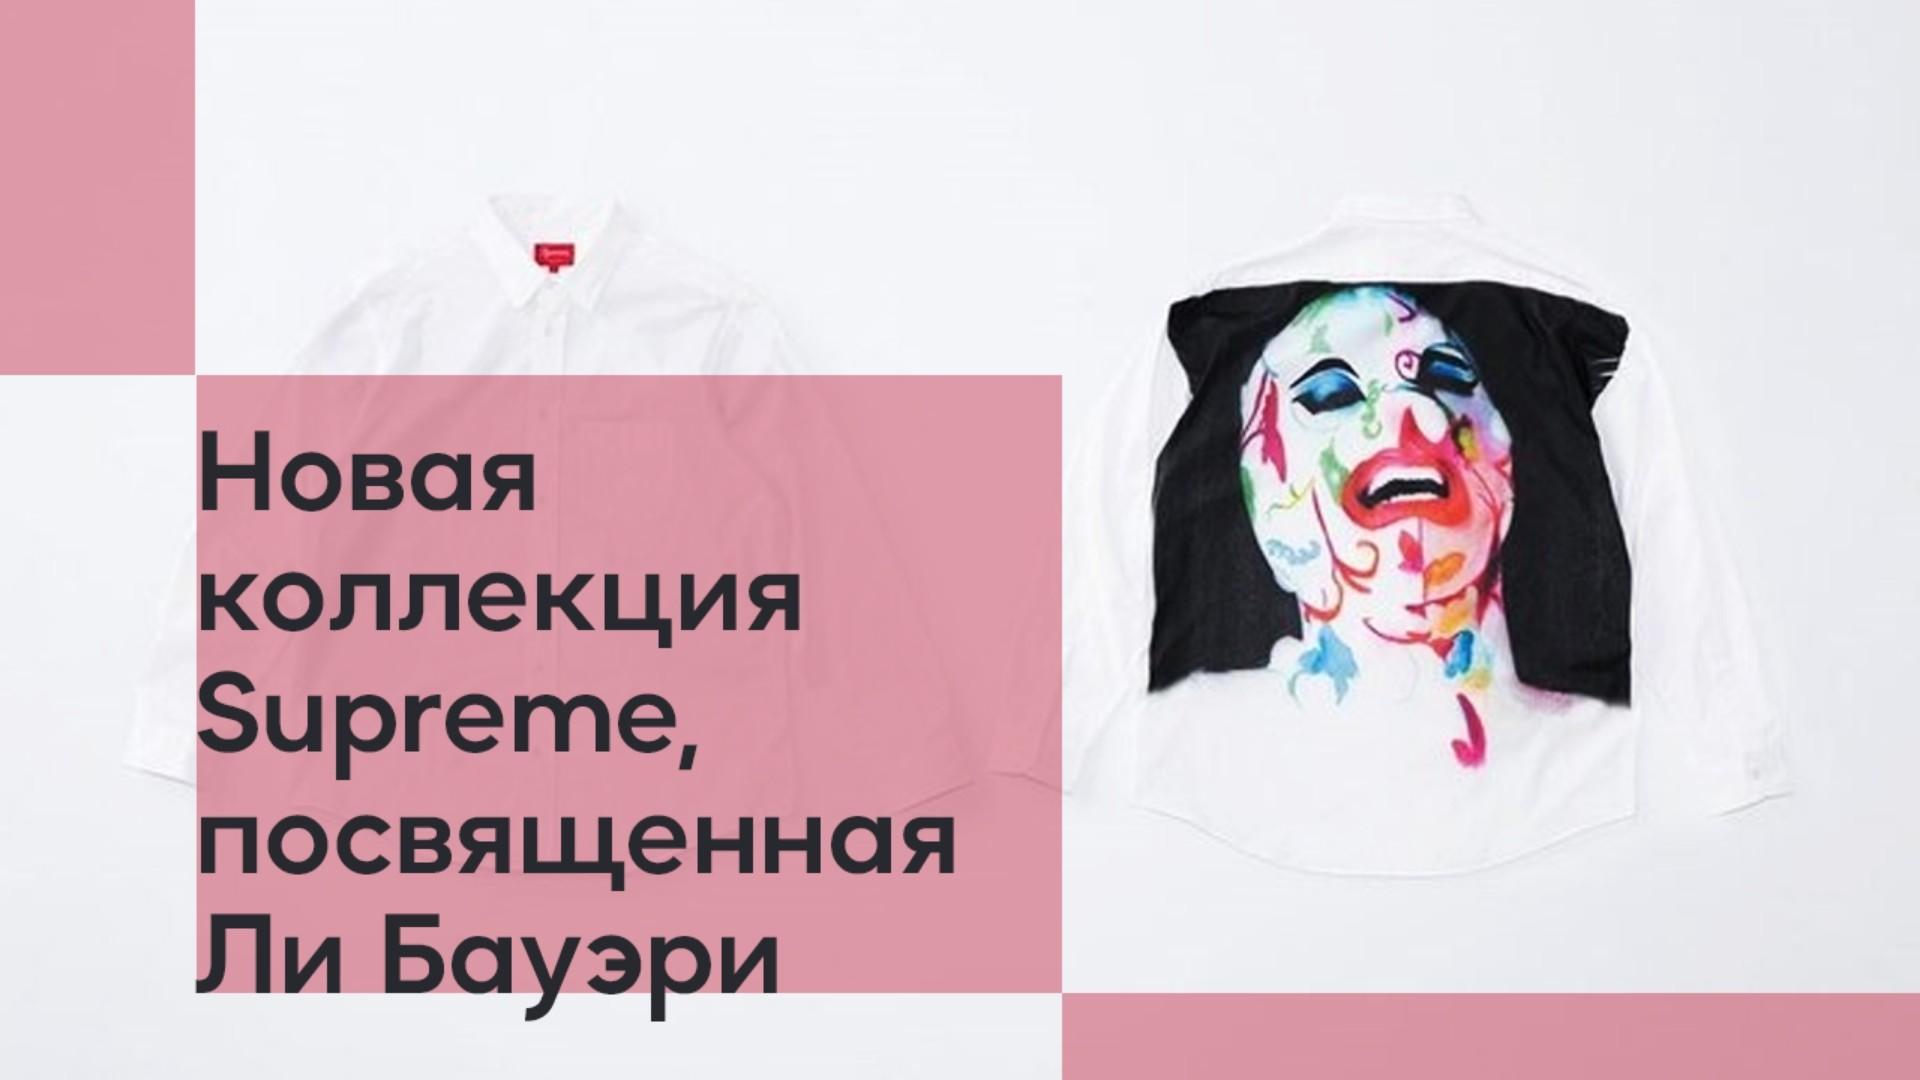 Supreme посвятили коллекцию художнику-перформеру Ли Бауэри